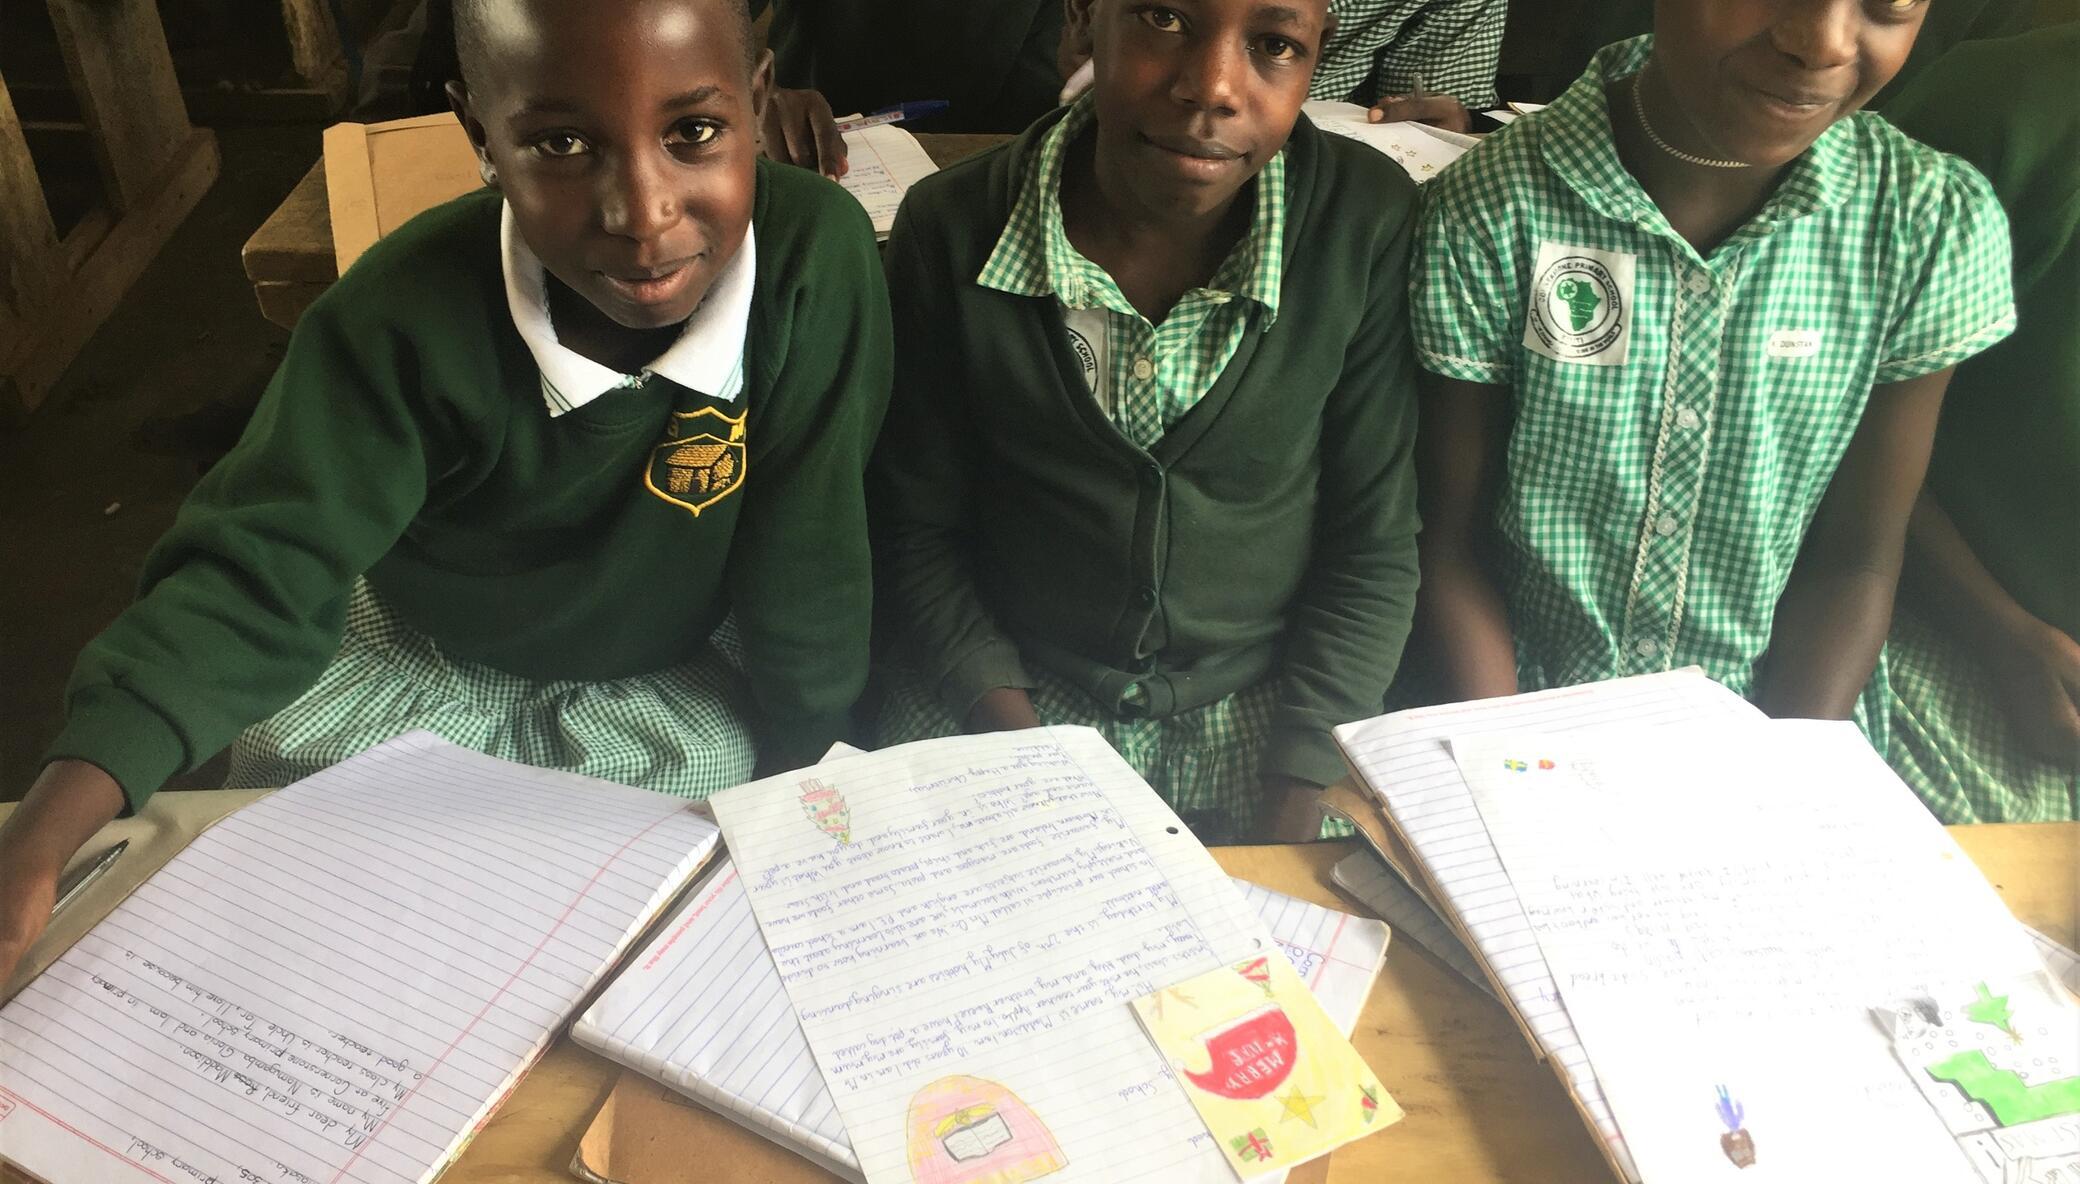 SAFE HOUSING & EDUCATION for 50 GIRLS IN SW UGANDA